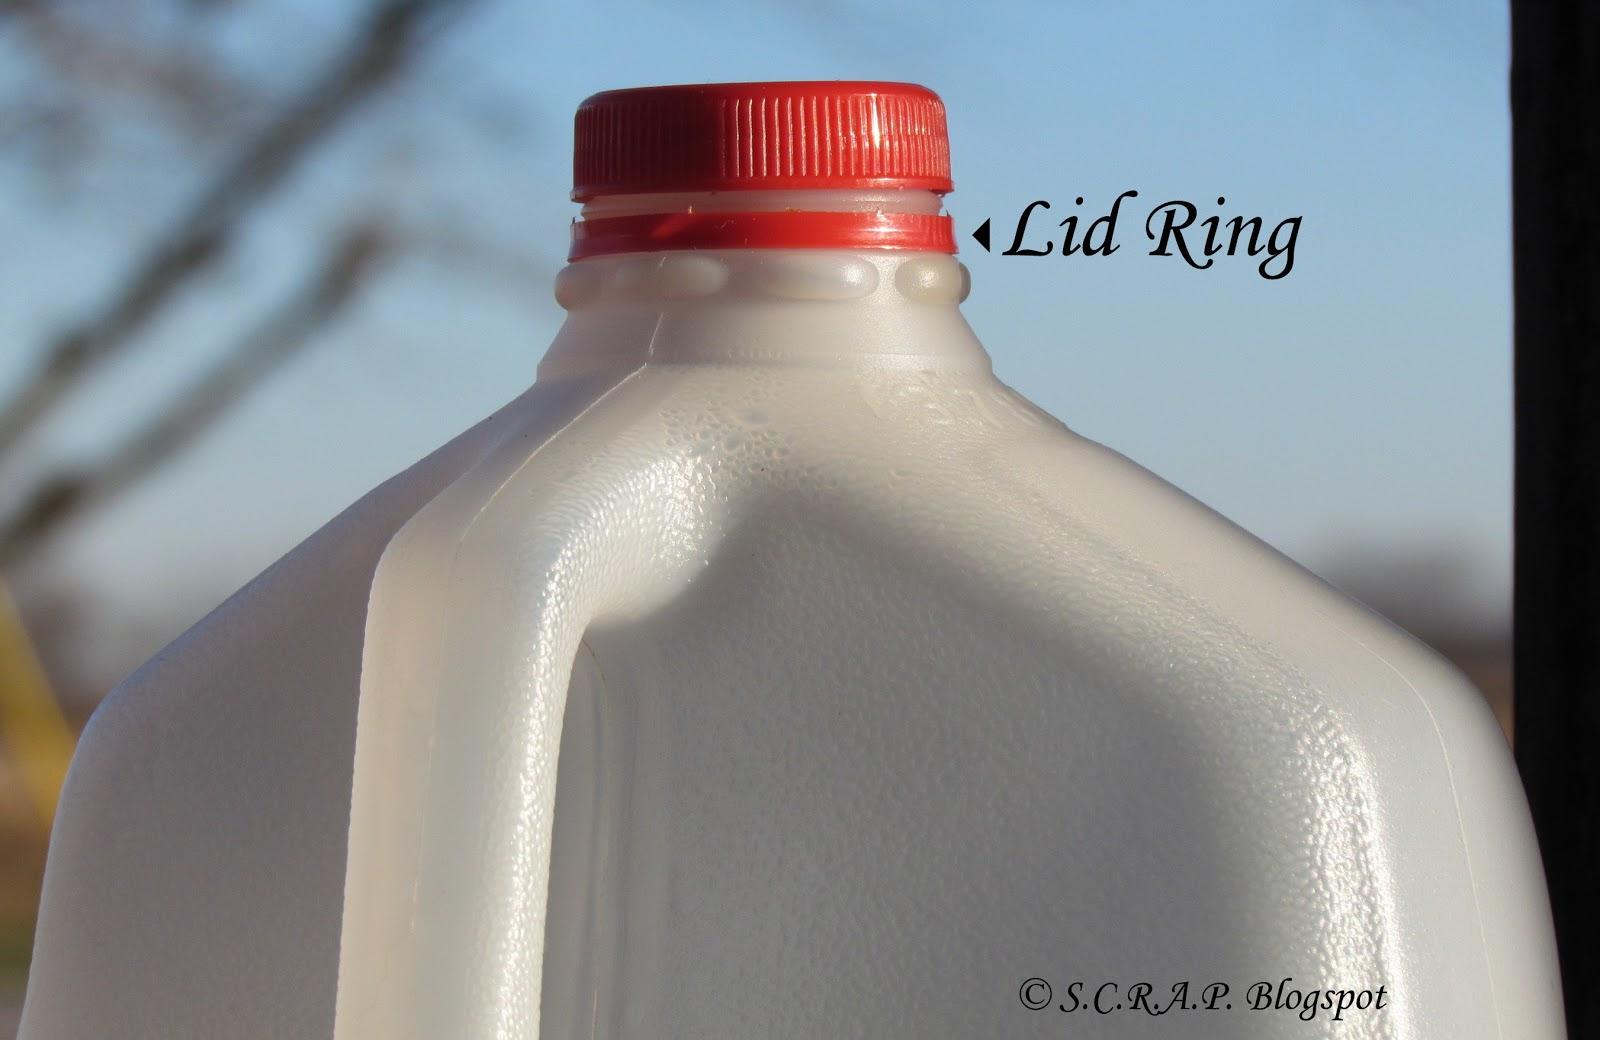 Granny Square Milk Ring Ornament SCRAP